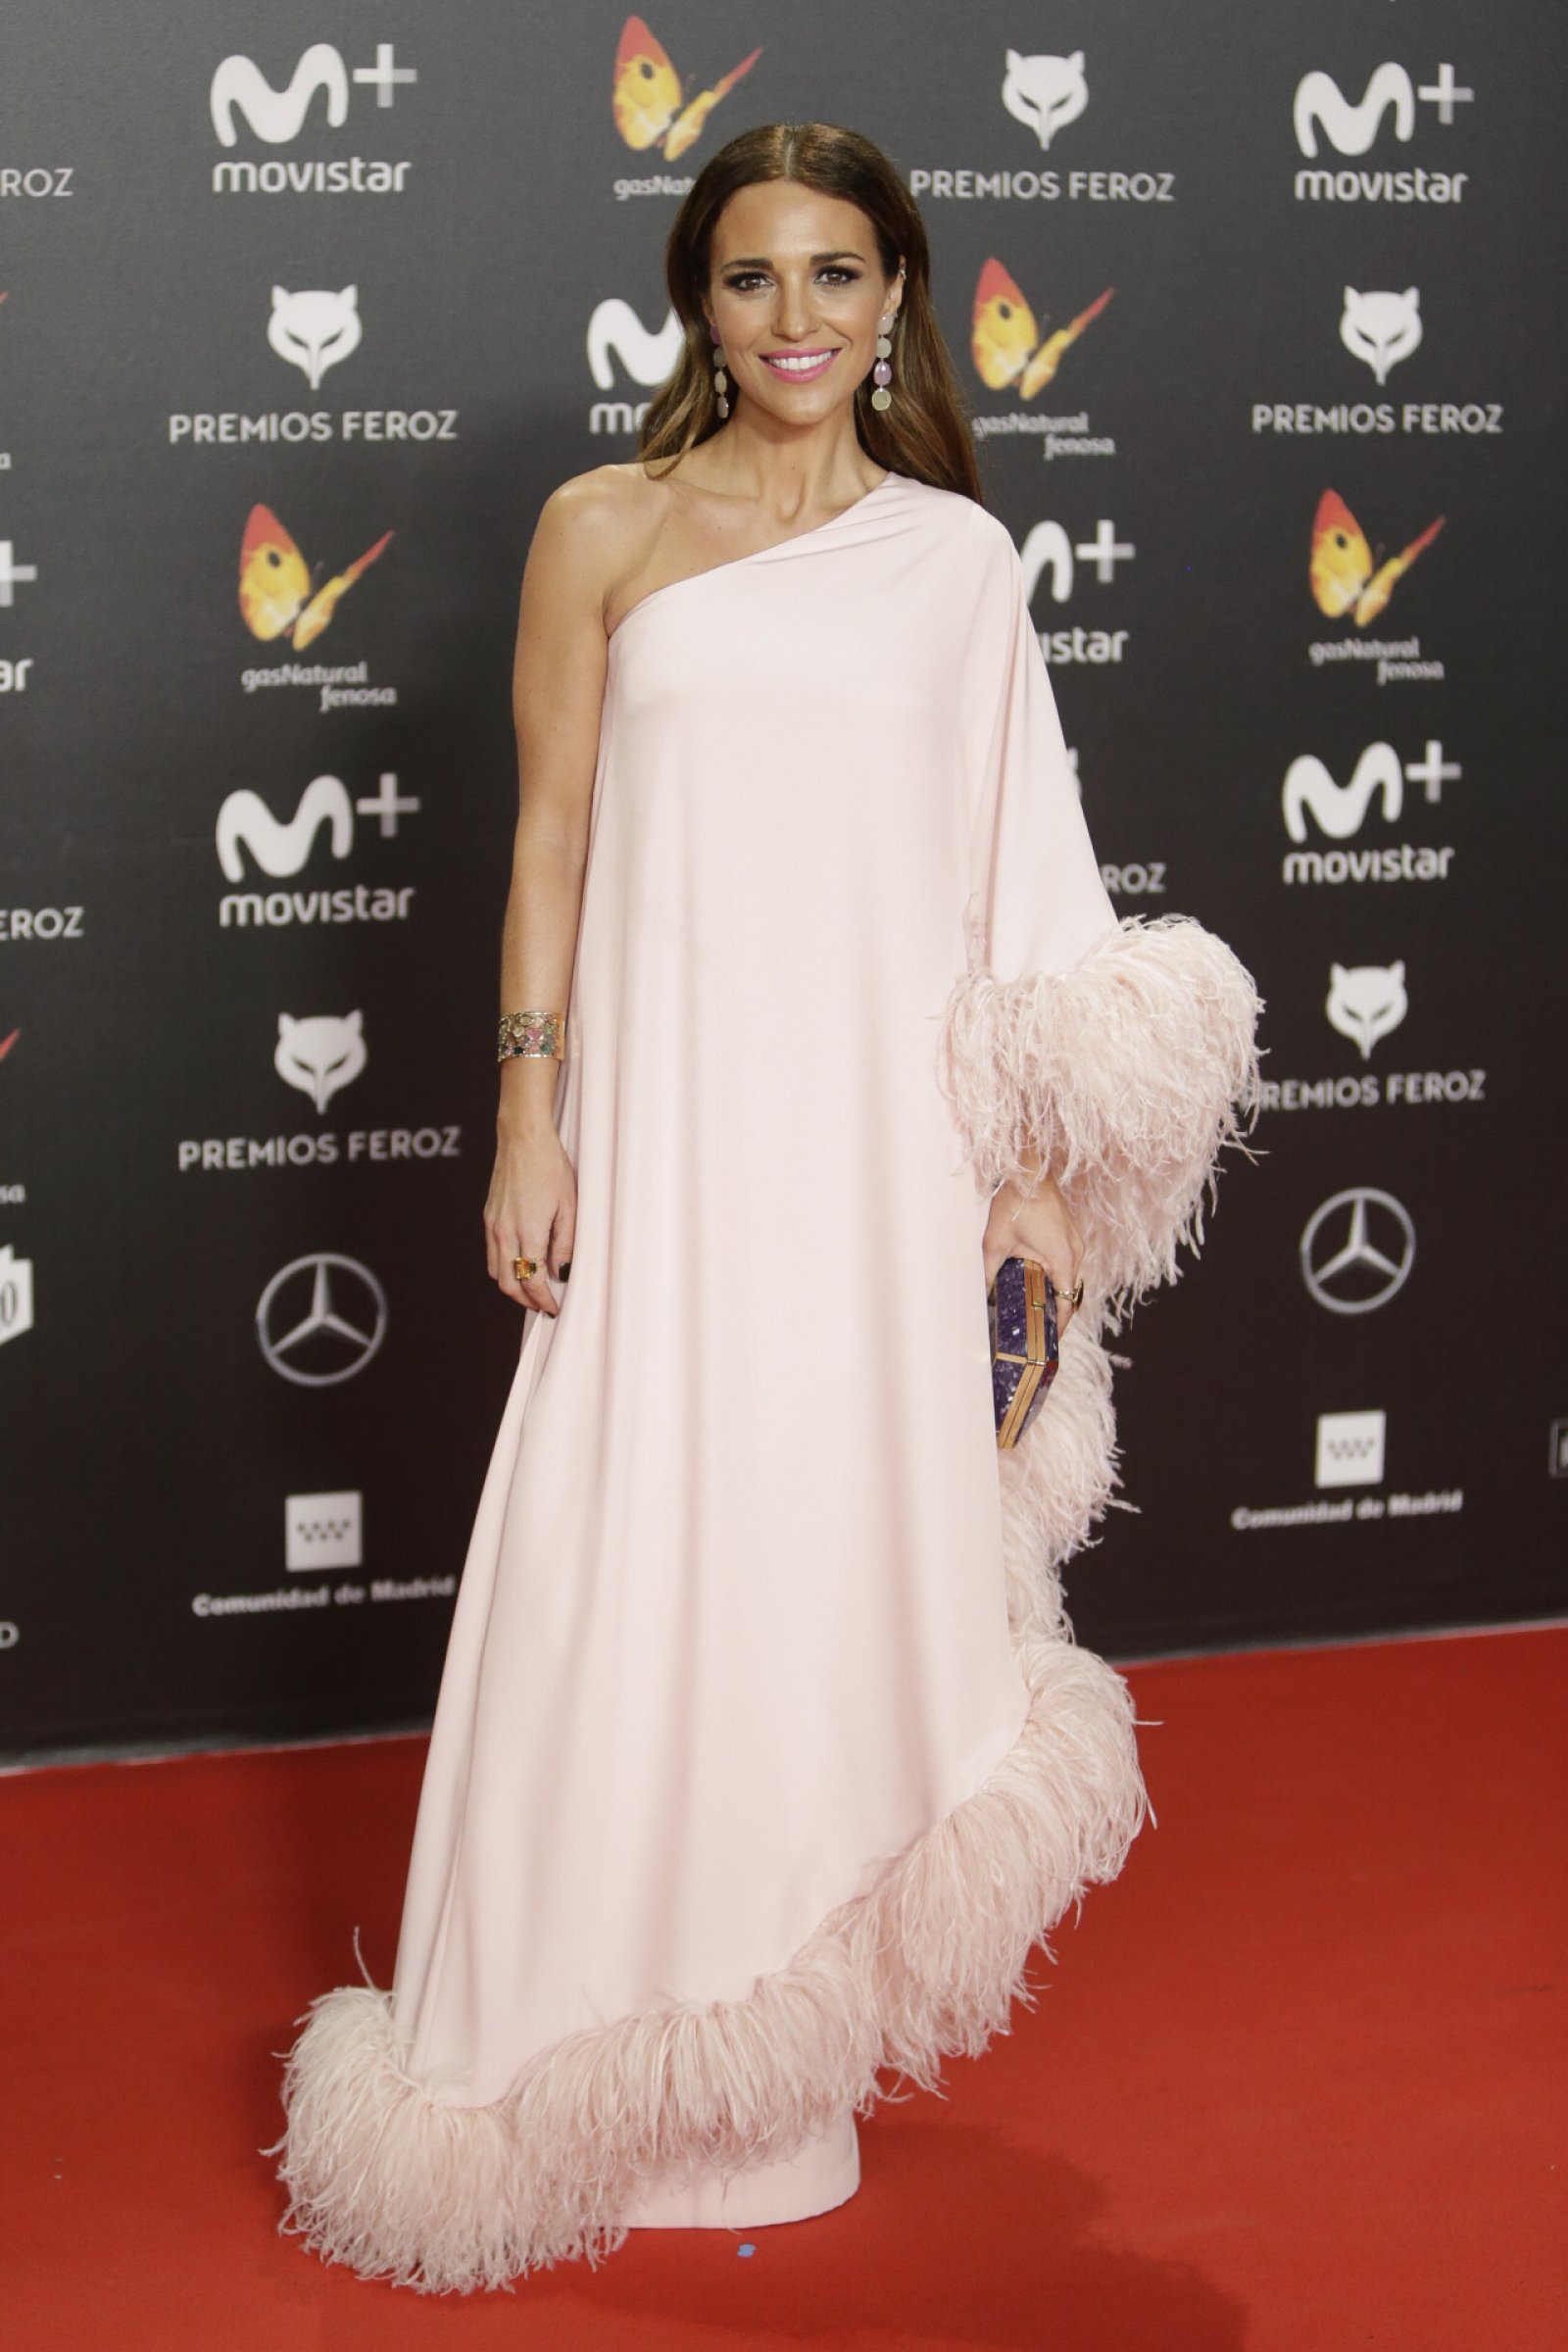 El estilismo elegido por Paula Echevarría con el que ha deslumbrado en la alfombra roja